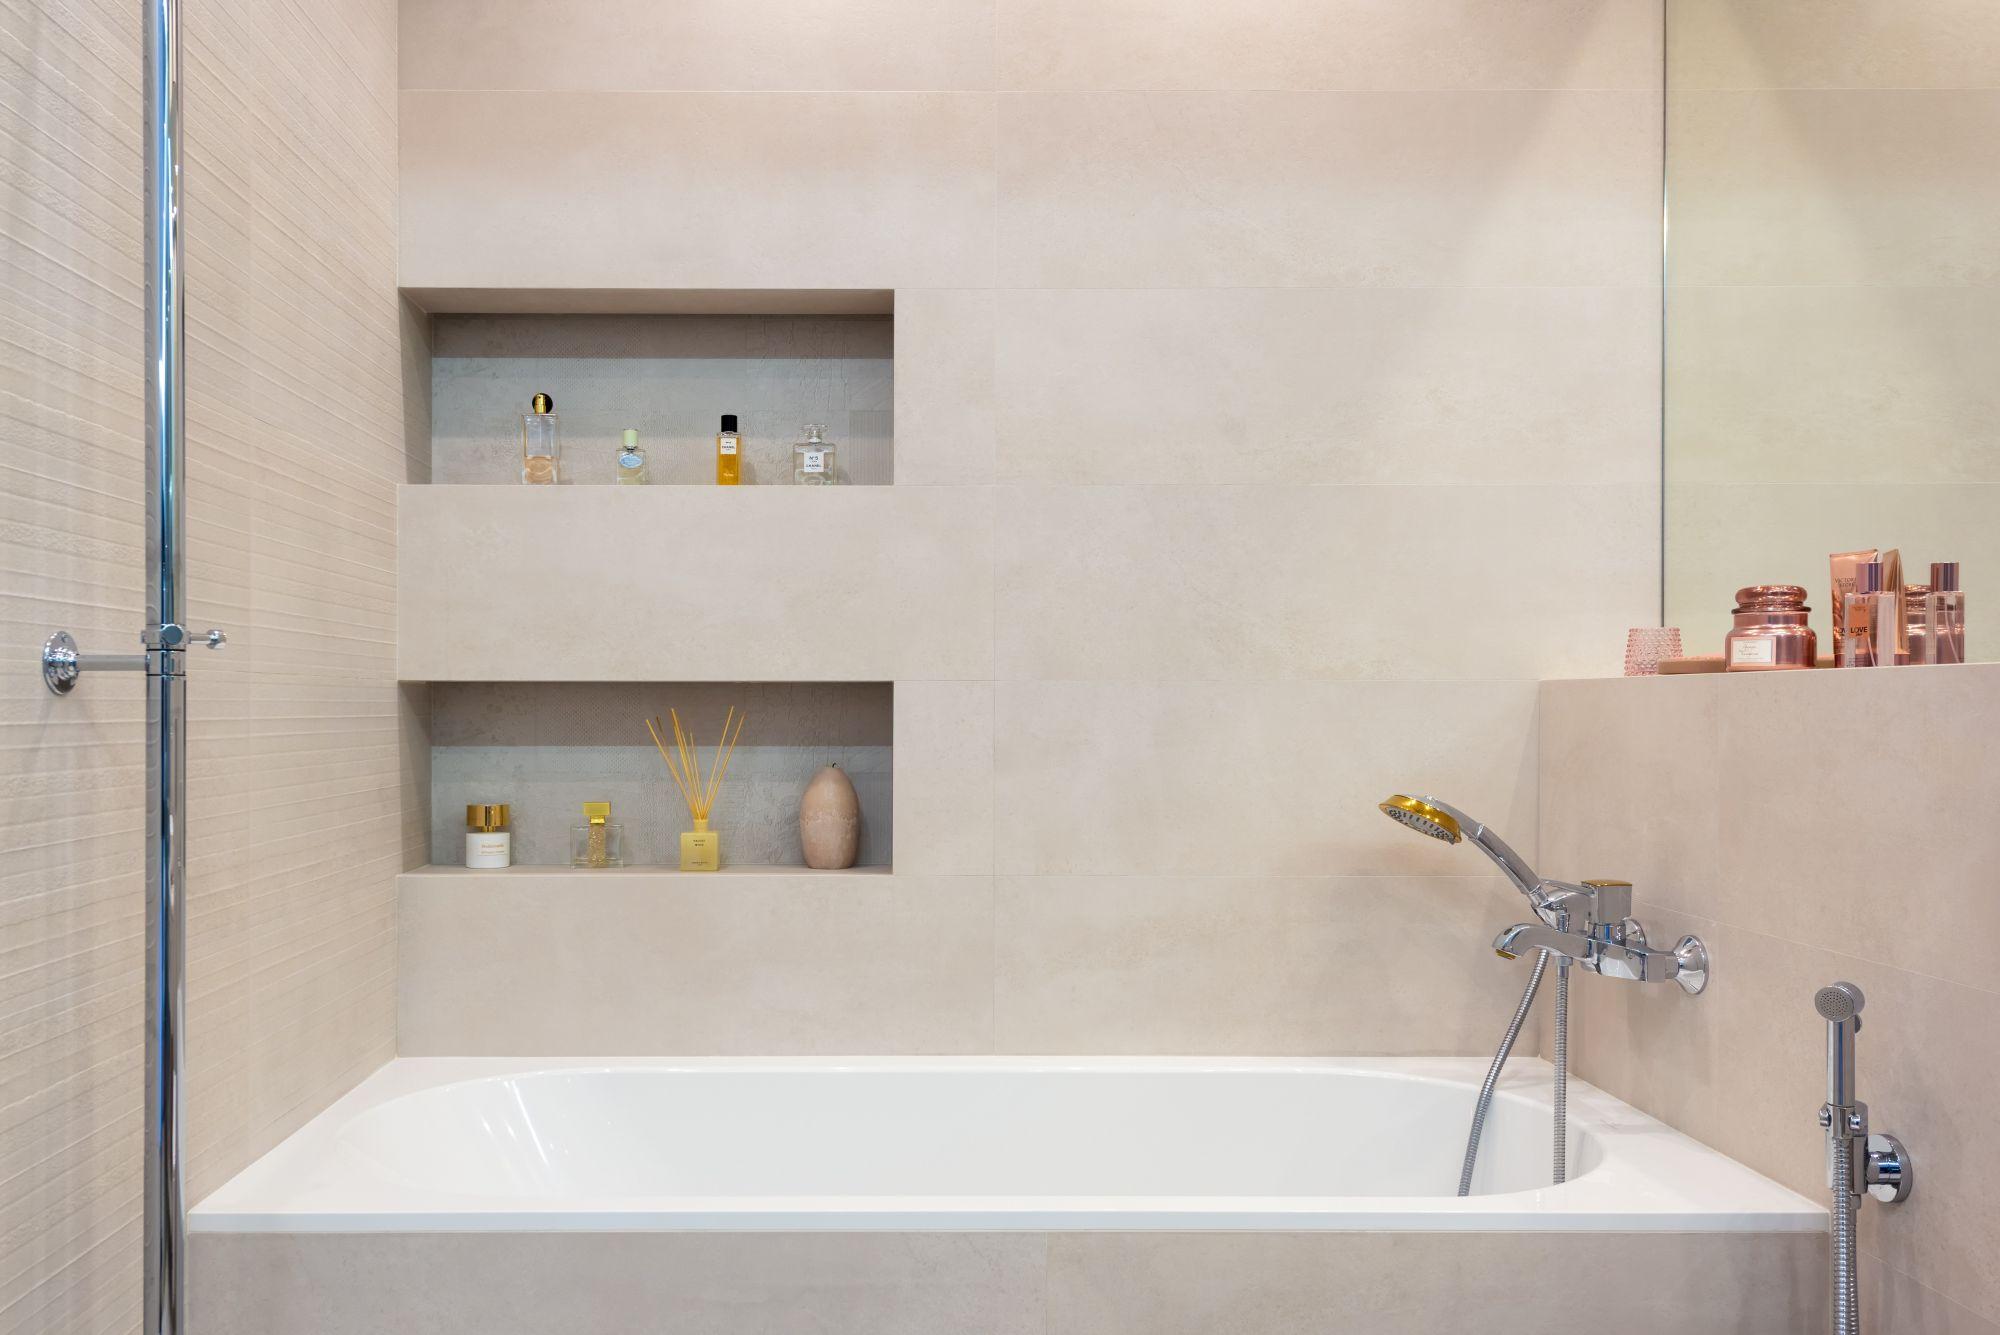 Arredo bagno: pratica mensola per la vasca da bagno